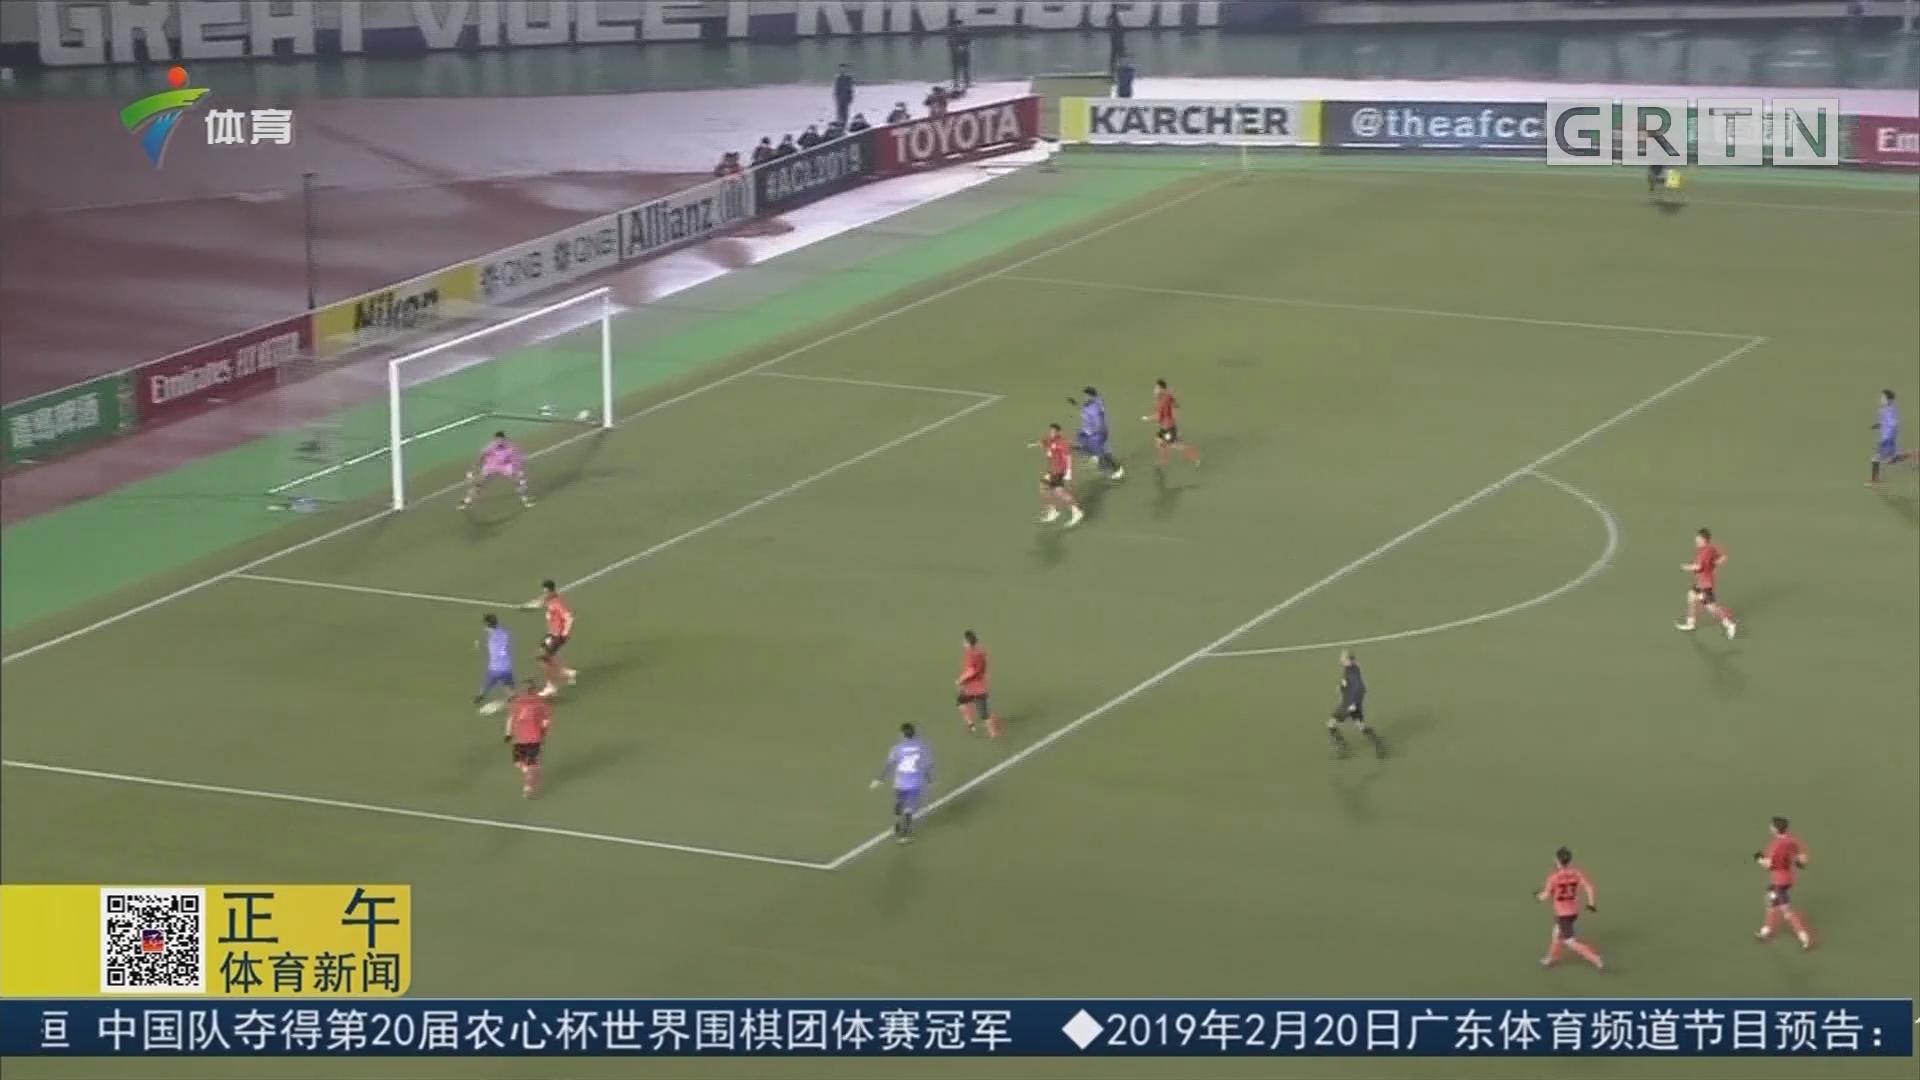 亚冠附加赛 广岛三箭点球大战淘汰清莱联